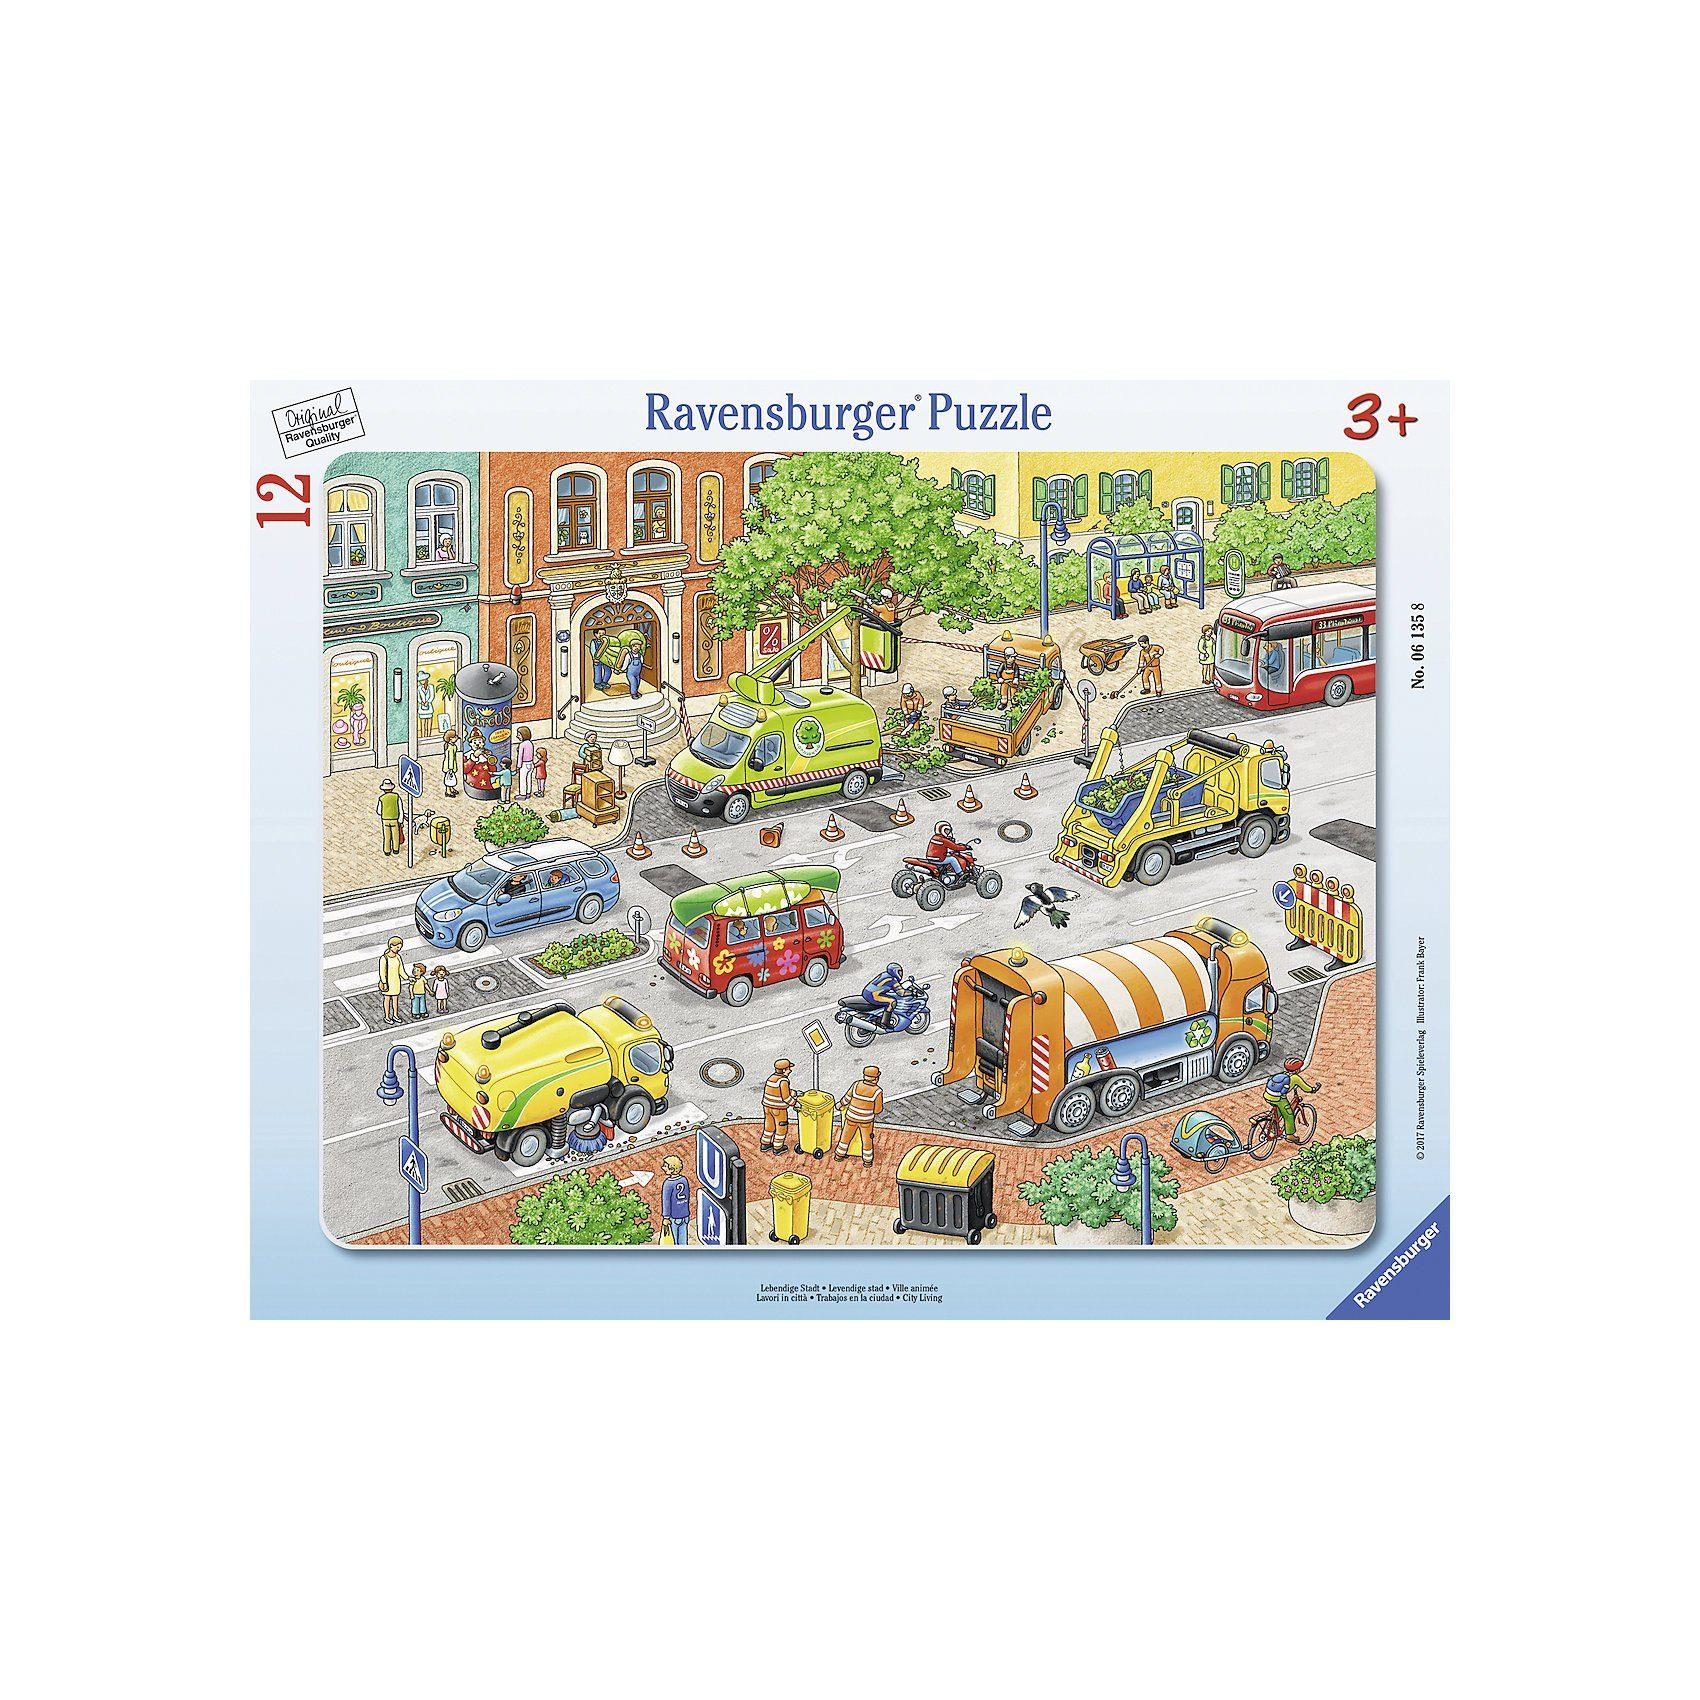 Ravensburger Rahmenpuzzle 12 Teile Lebendige Stadt